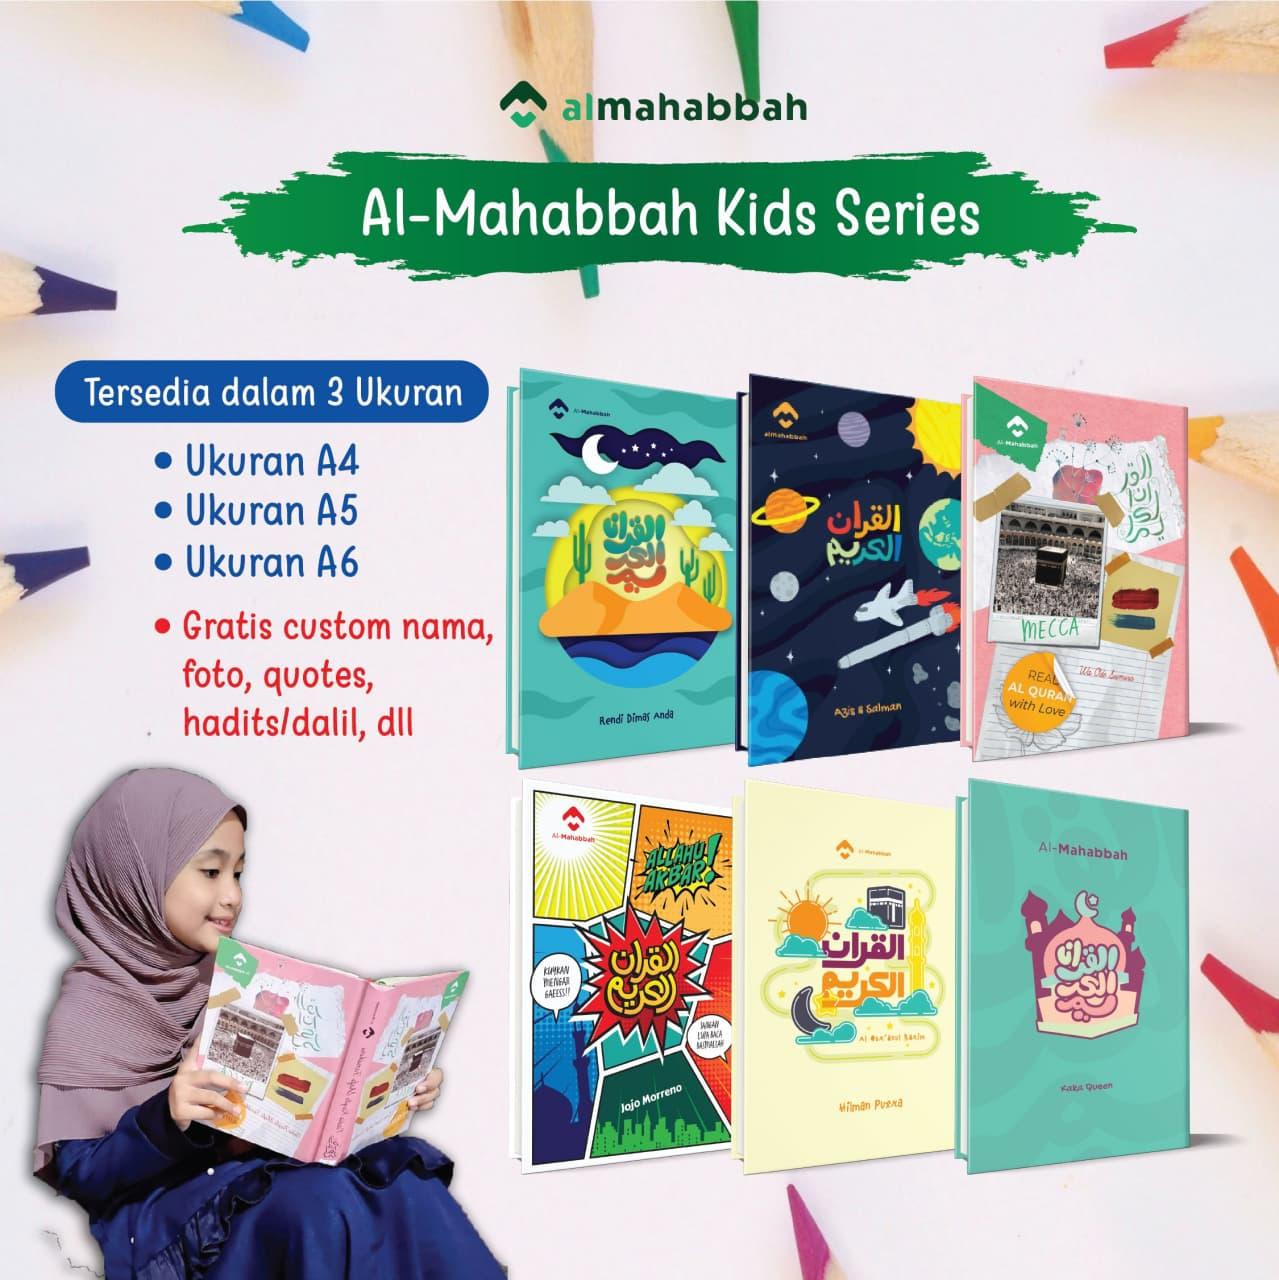 Al-Mahabbah-_-Kids-Series-_-all-varian-dan-anak.jpg